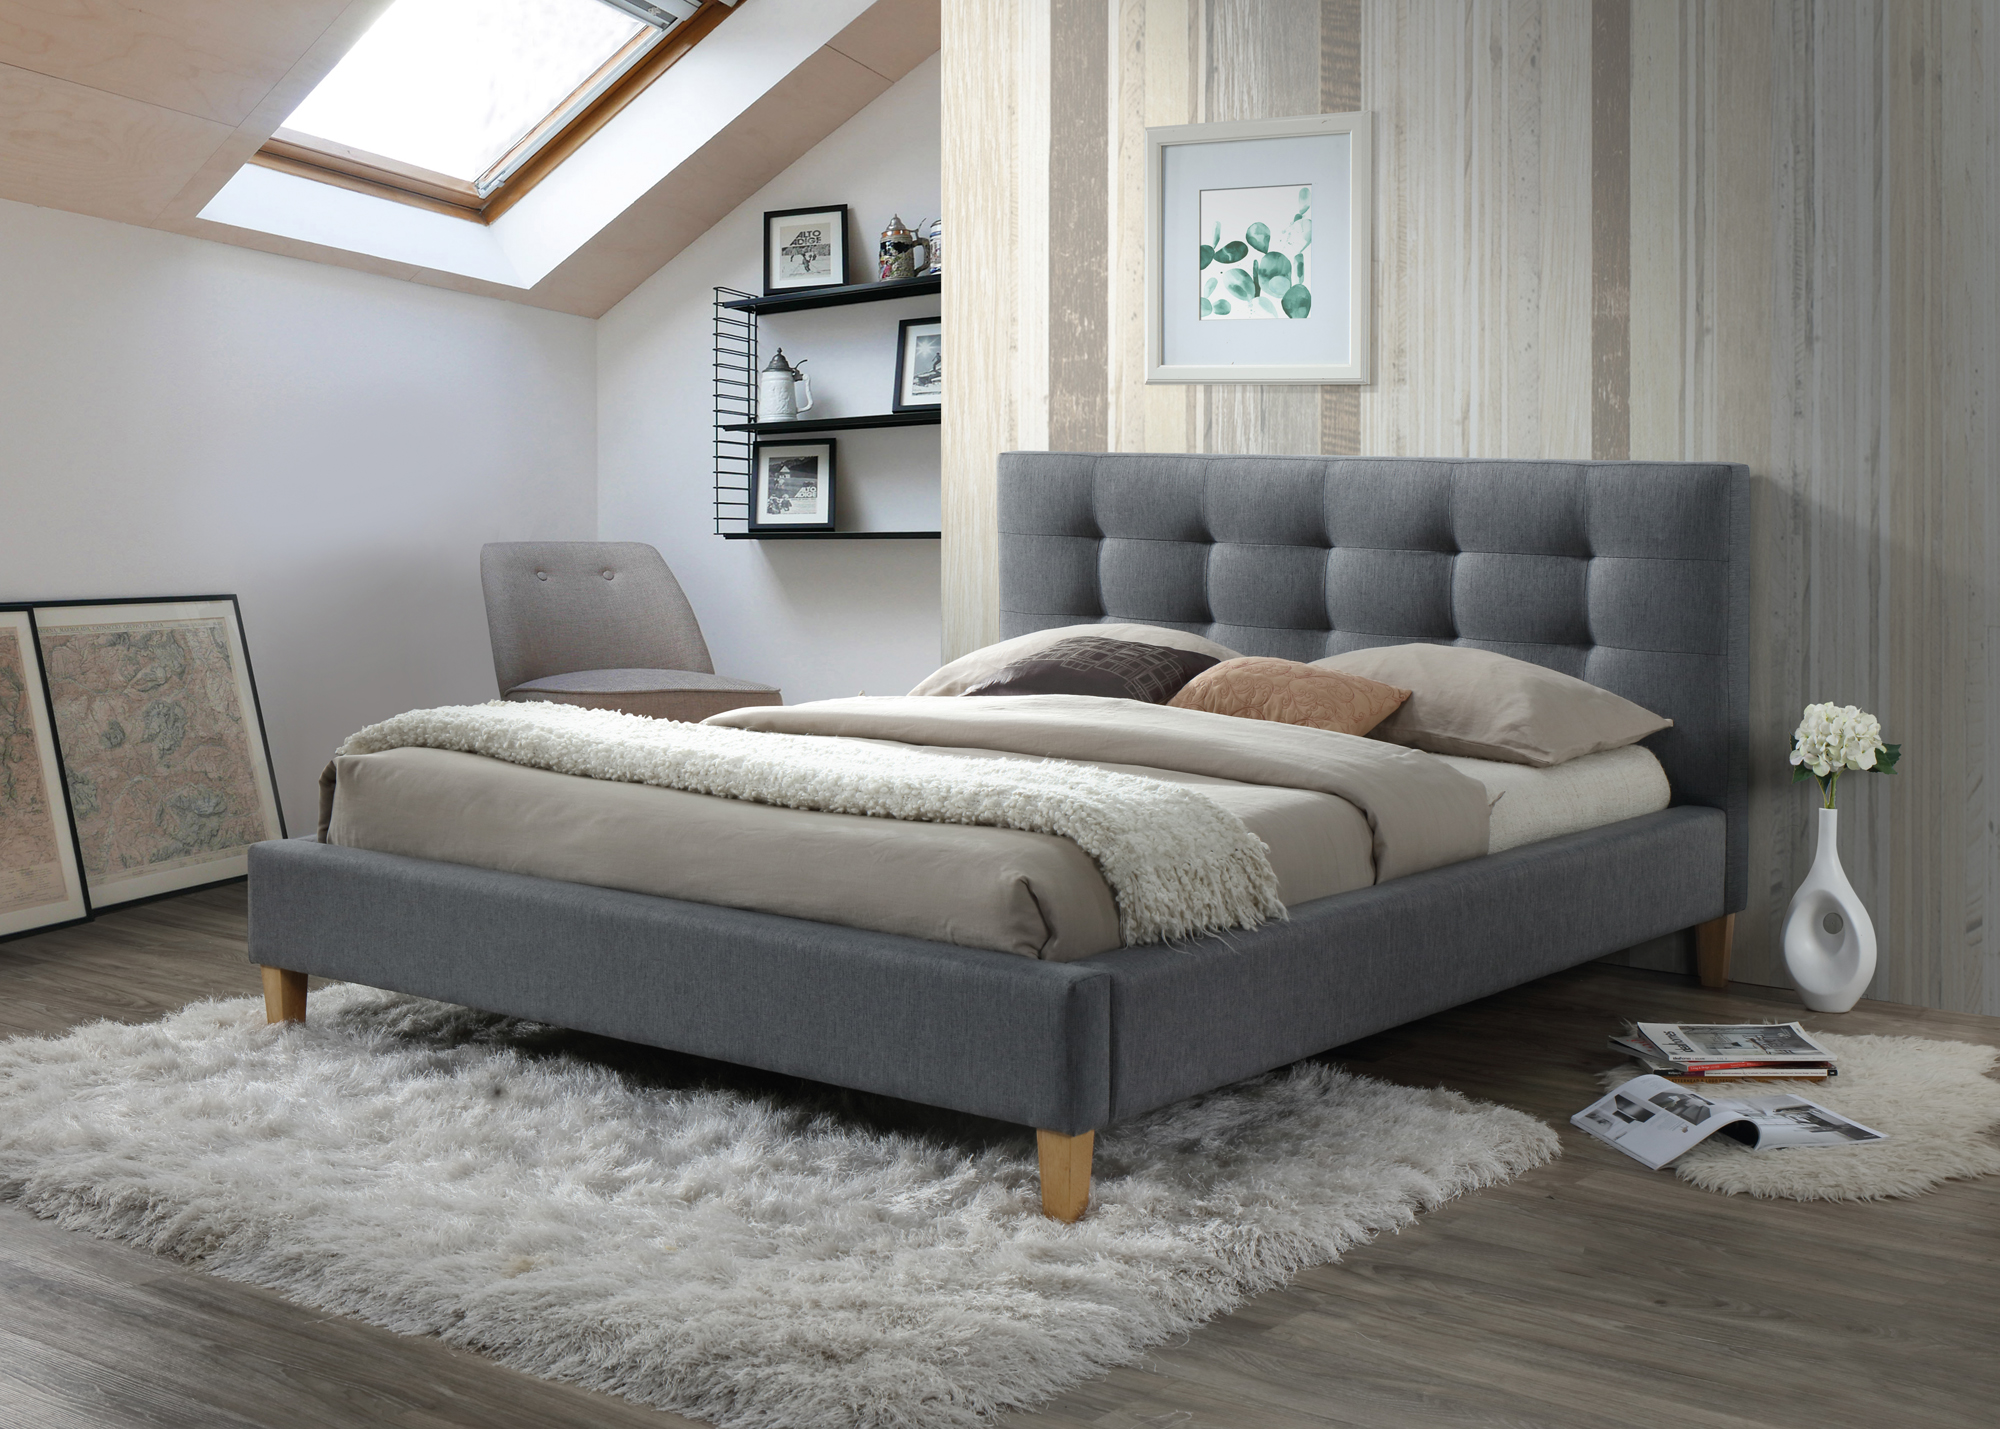 Čalouněná postel TEXAS 180x200 cm šedá s roštem ZDARMA Matrace: bez matrace